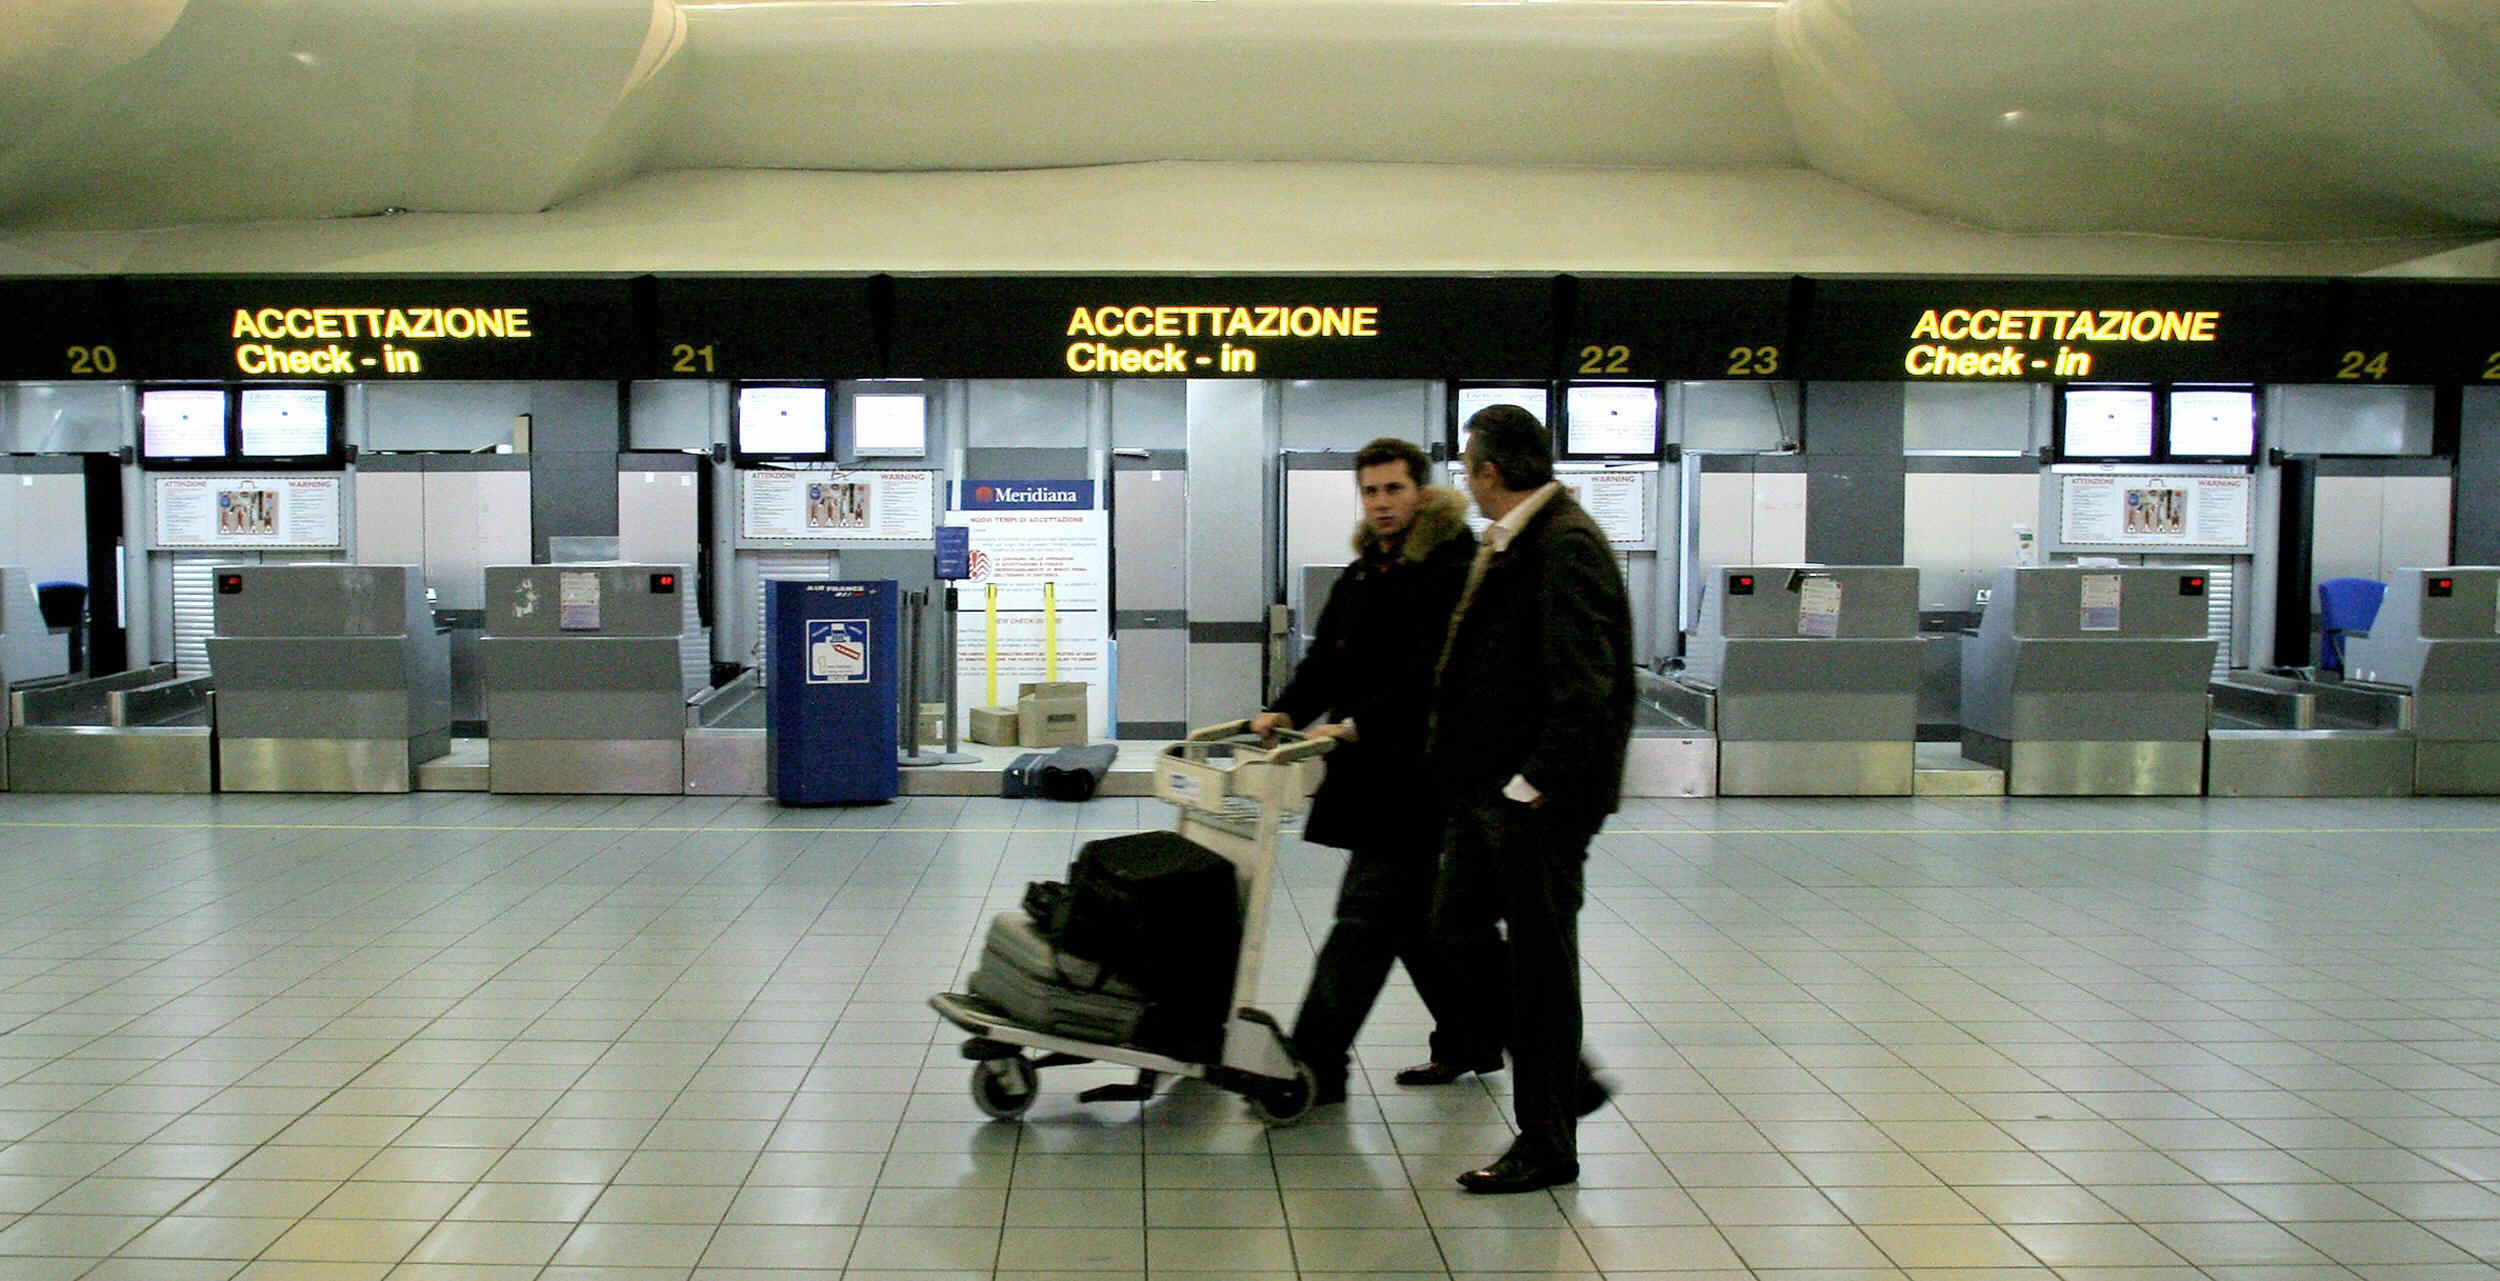 Aeroporto Capodichino : Aeroporto di capodichino arrivano ztl e telecamere per le